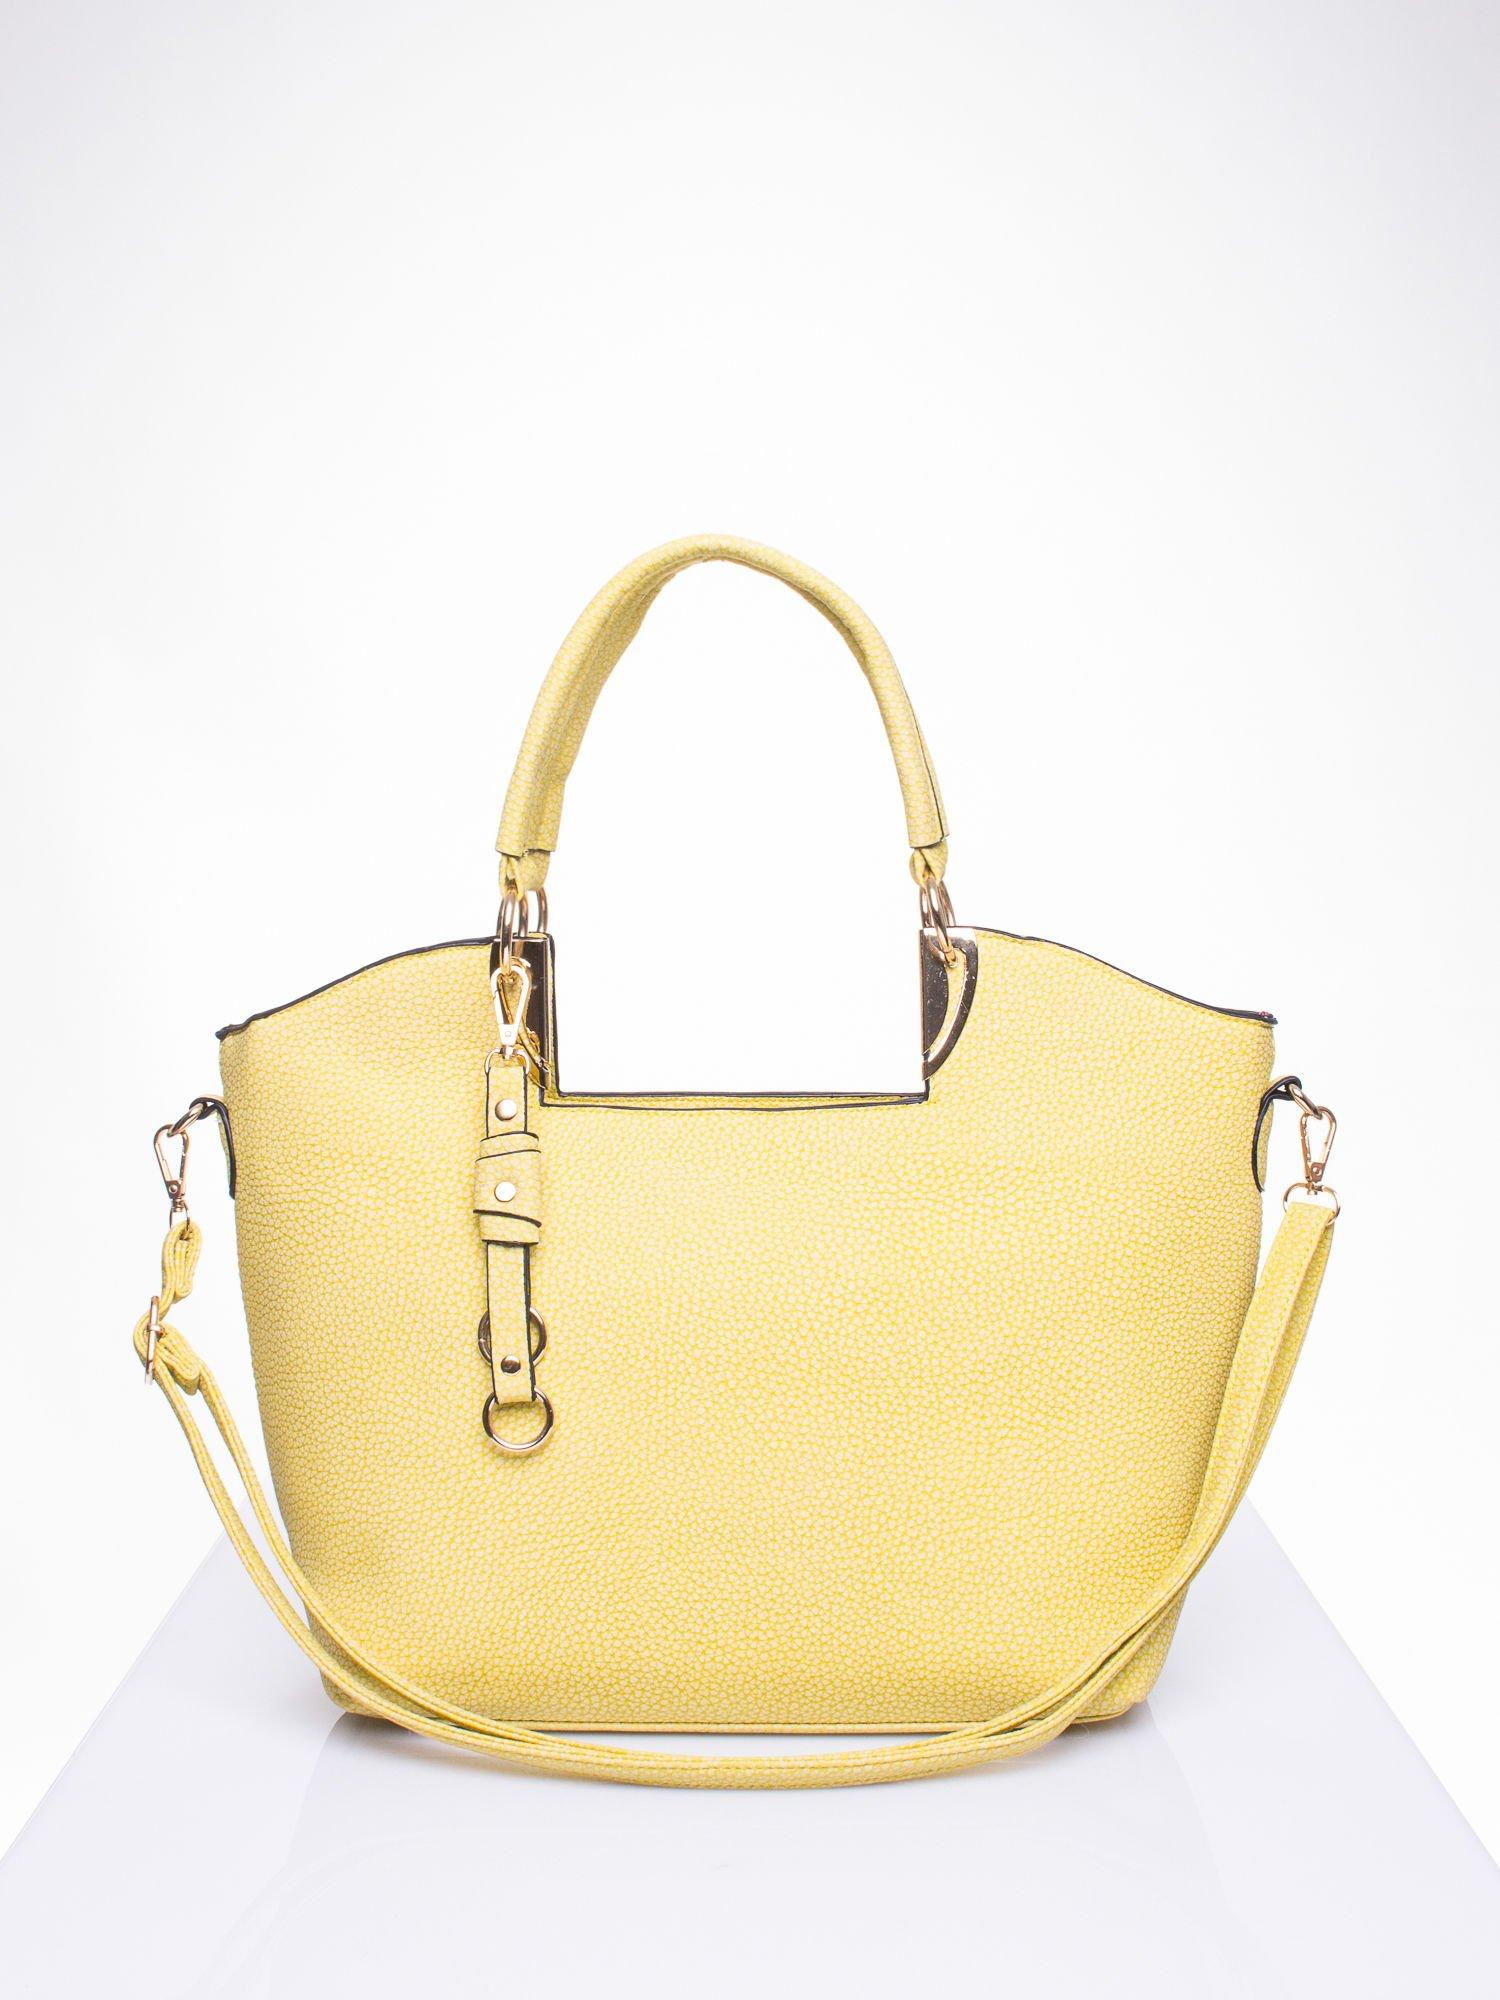 Żółta torebka miejska z ozdobną przypinką                                  zdj.                                  1